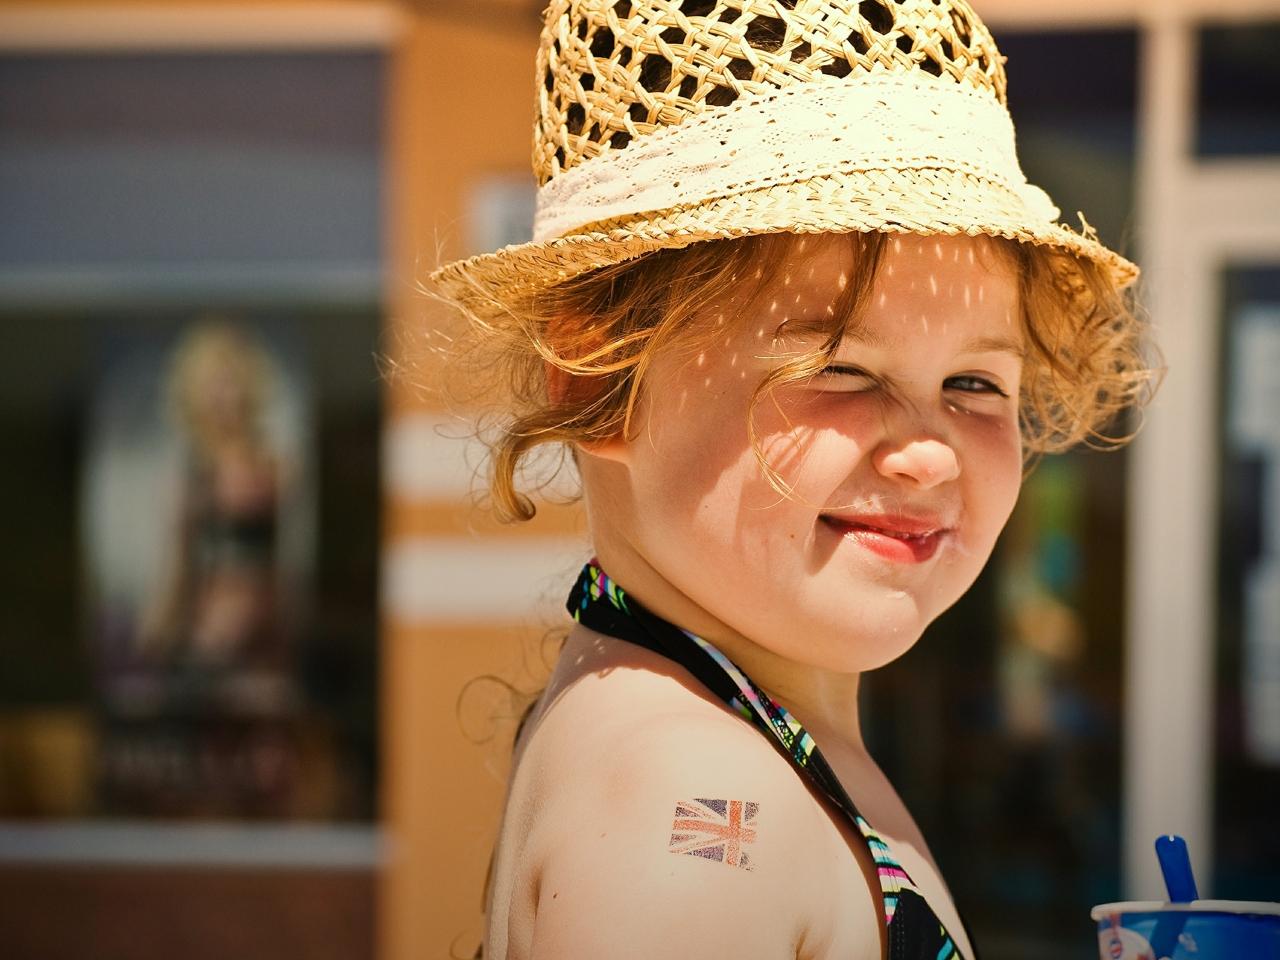 Una pequeña niña rubia - 1280x960